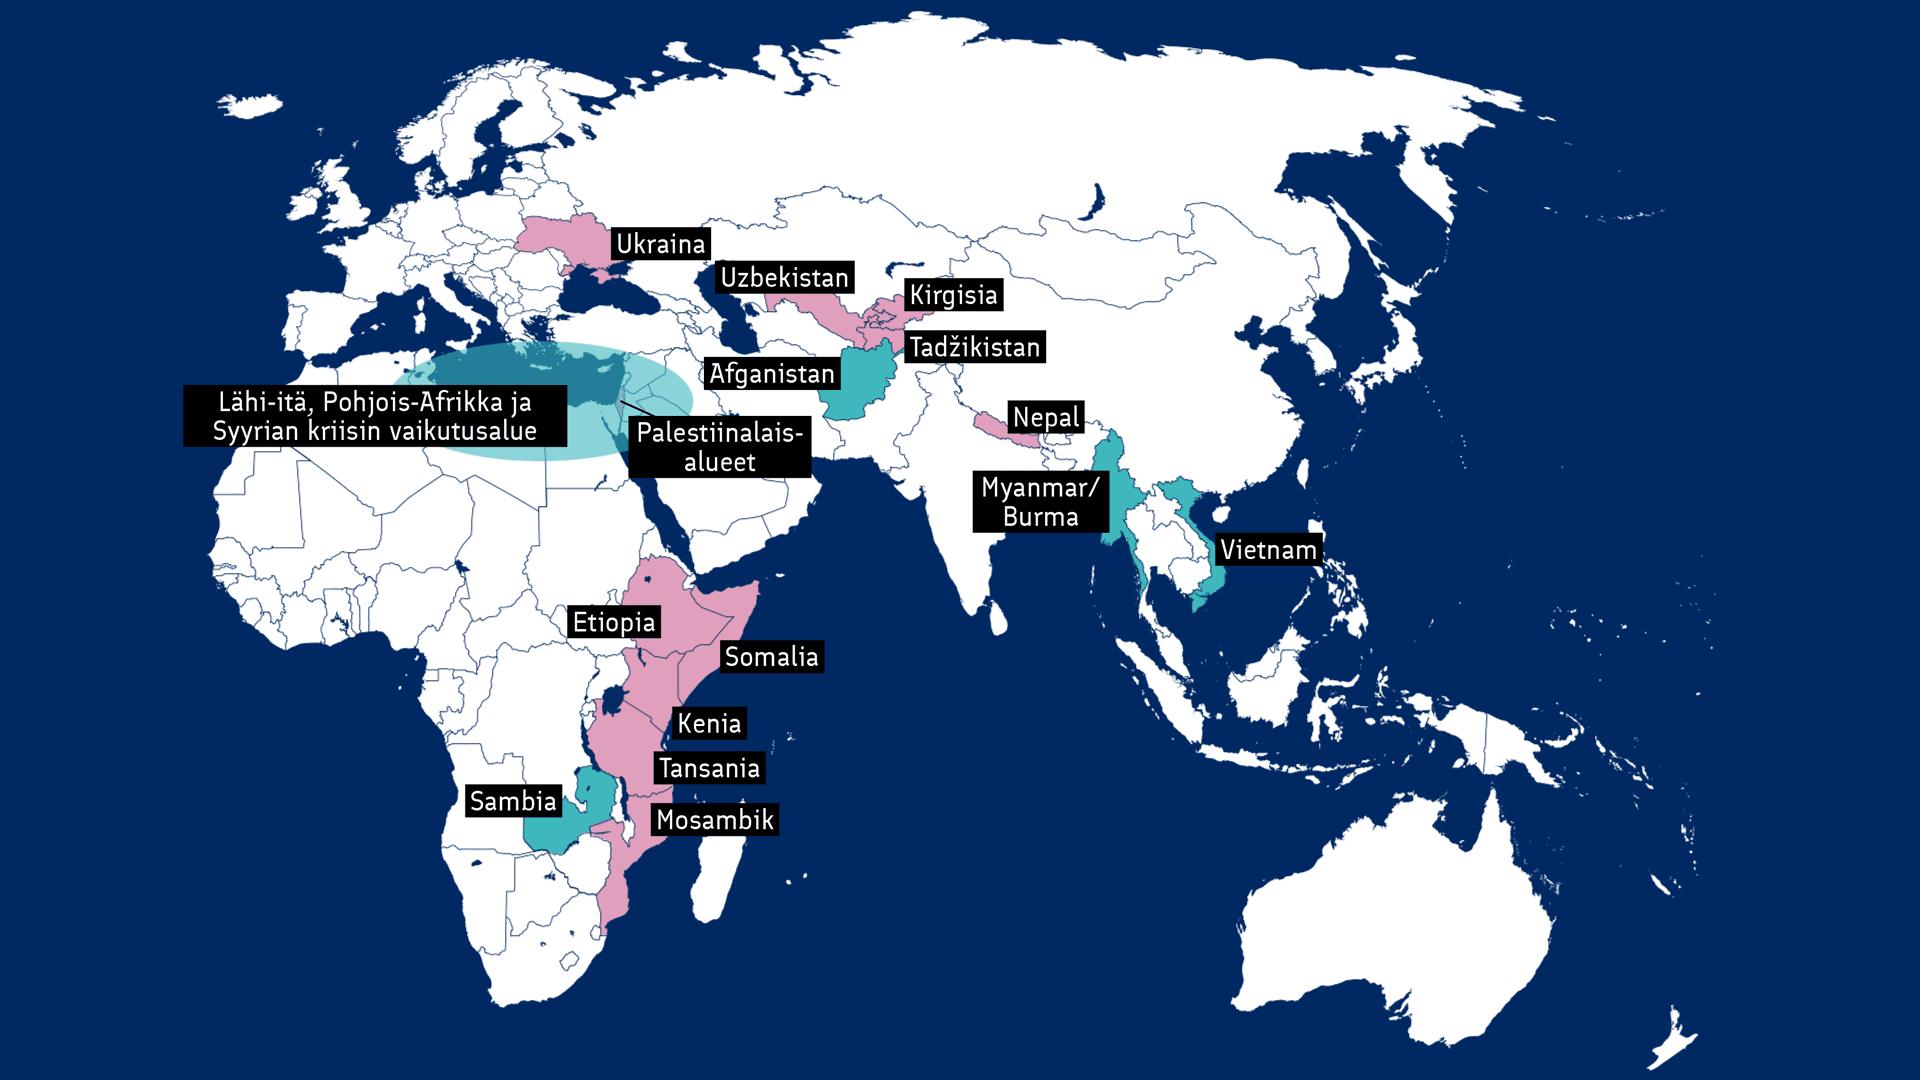 Kartta Suomen tukemista kumppanimaista. Avaa kartta suurempana.